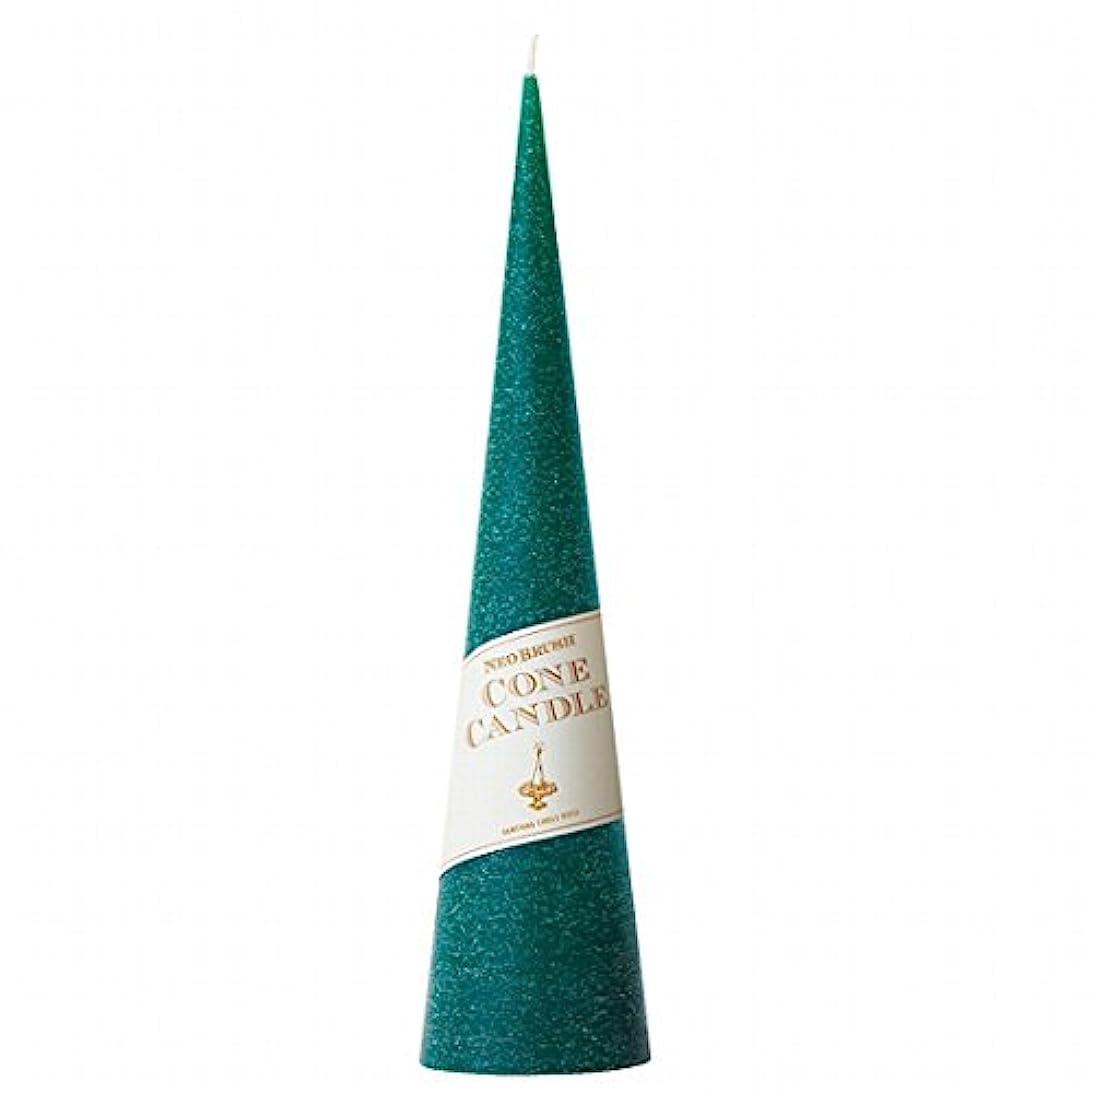 バーター感心するスタジオkameyama candle(カメヤマキャンドル) ネオブラッシュコーン 295 キャンドル 「 グリーン 」(A9750030G)